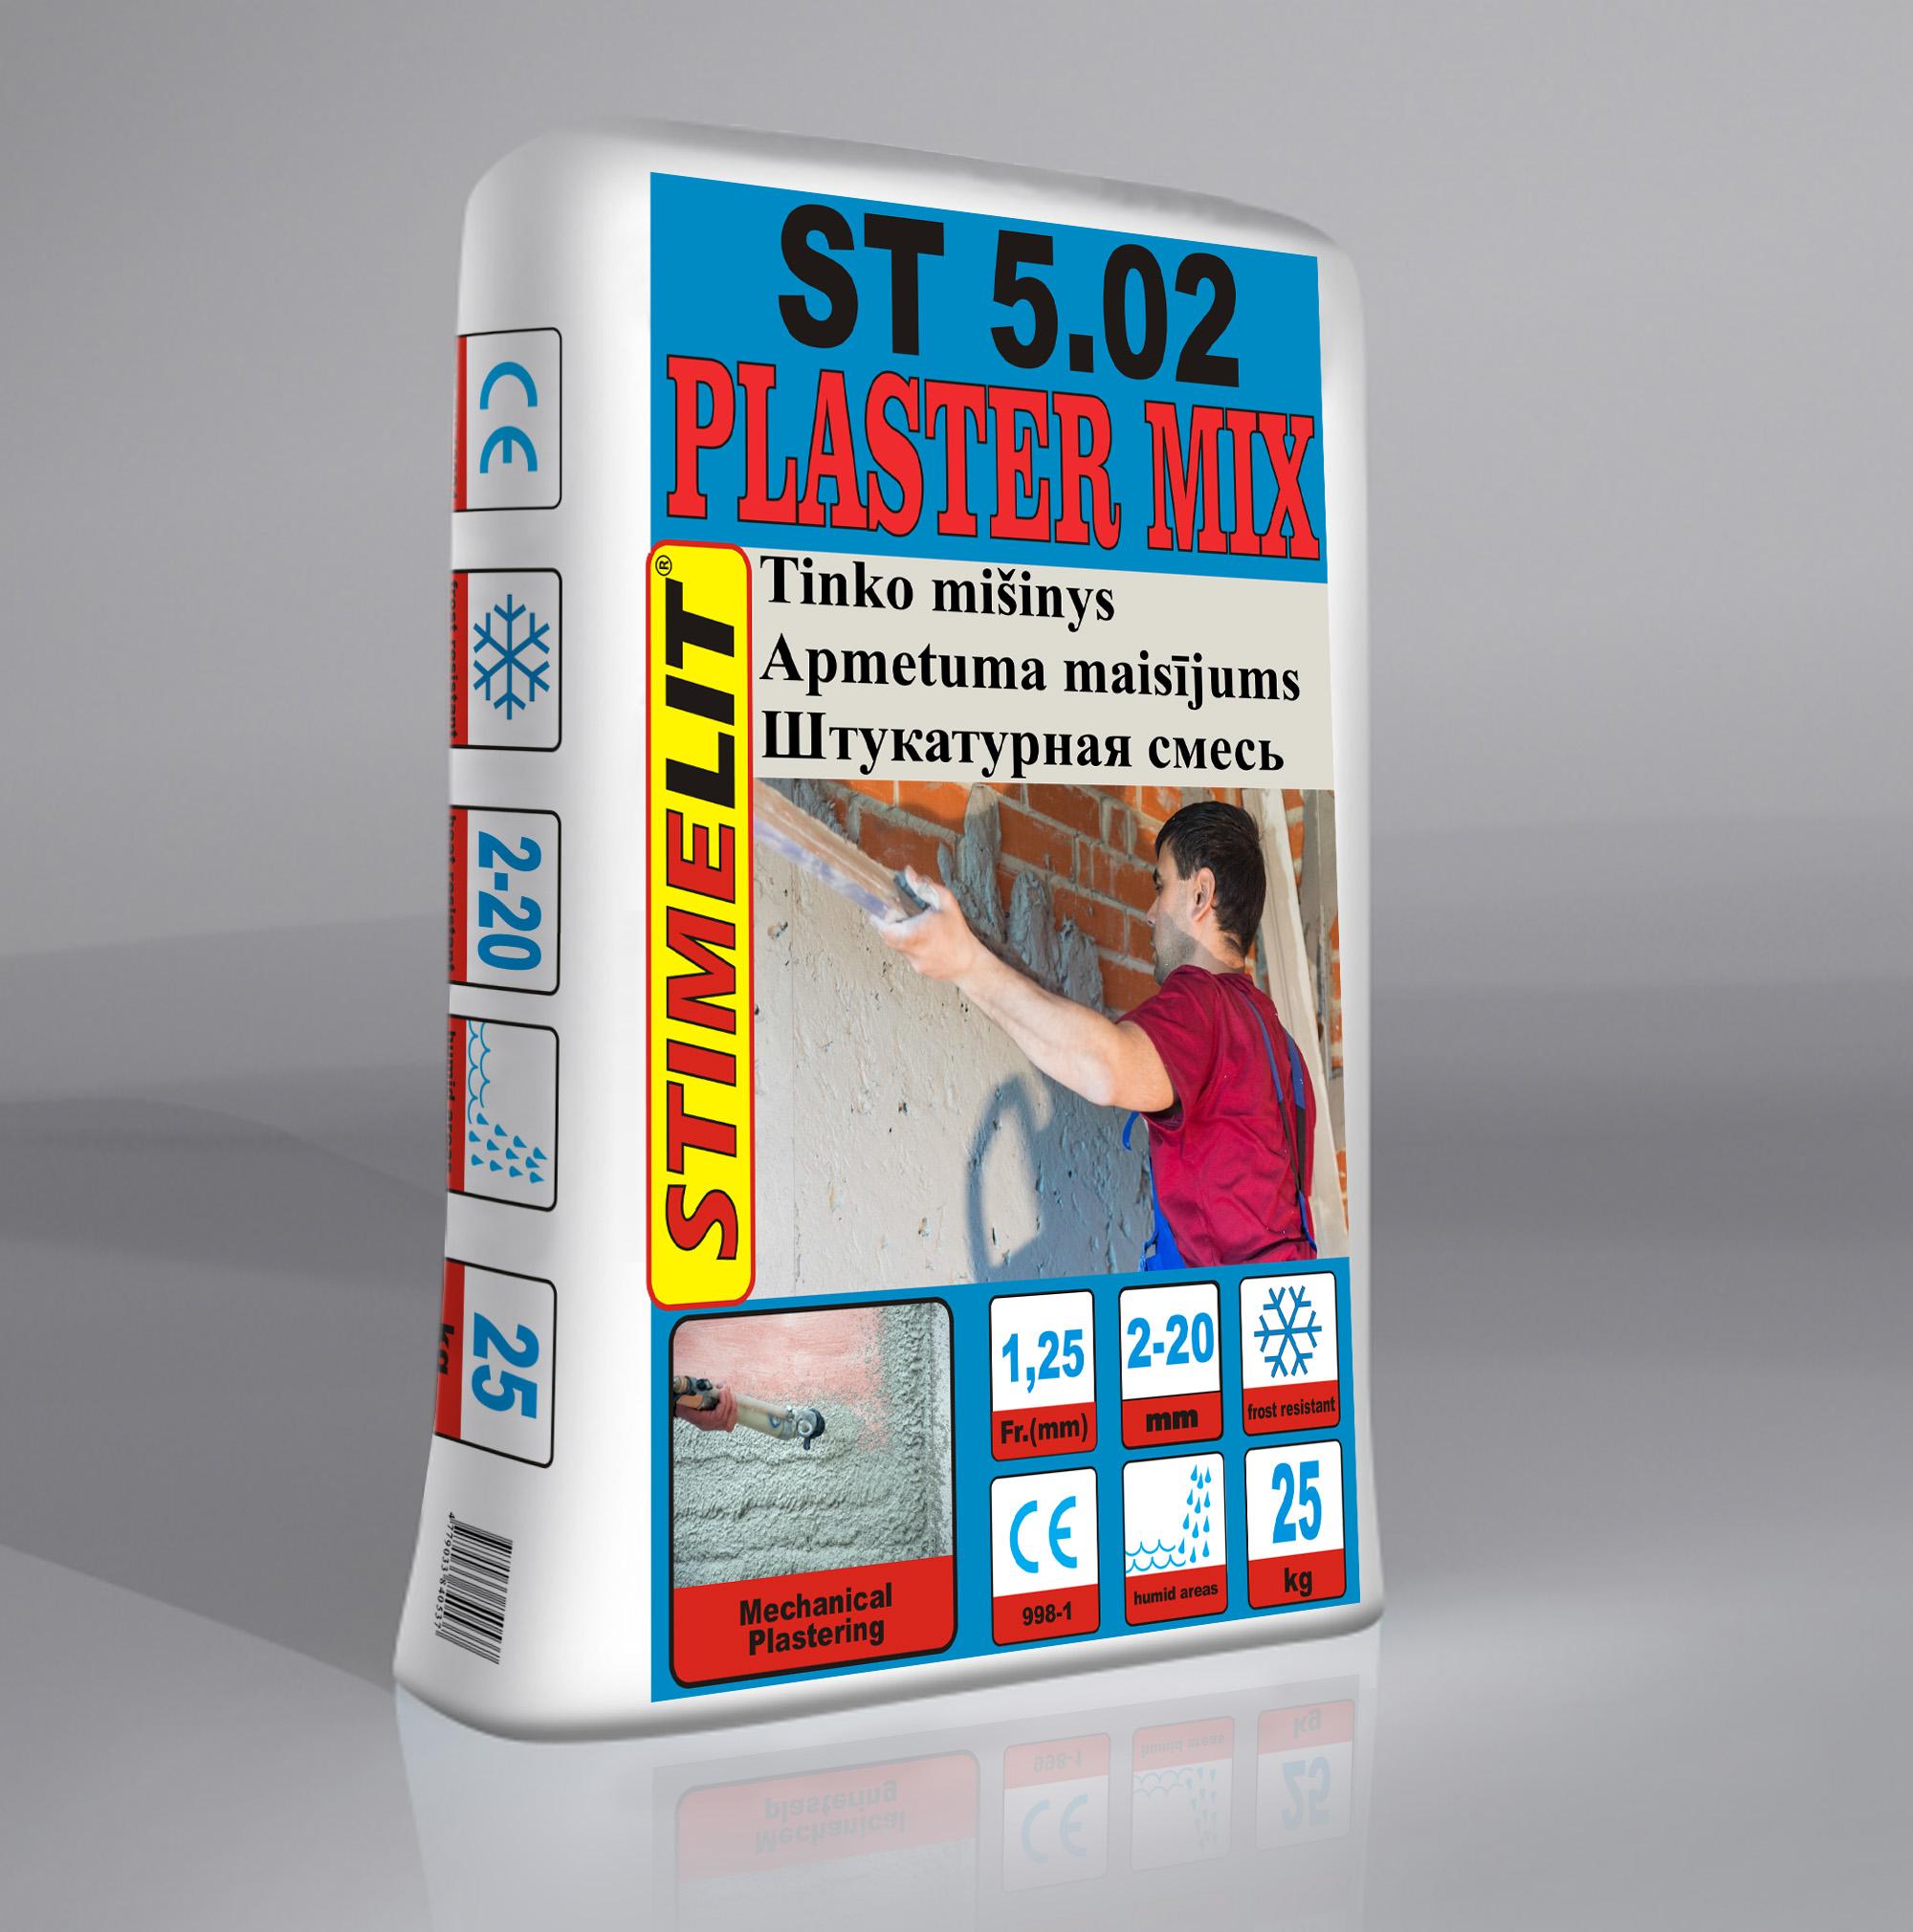 ST5.02 Biezkārtainais apmetuma maisījums